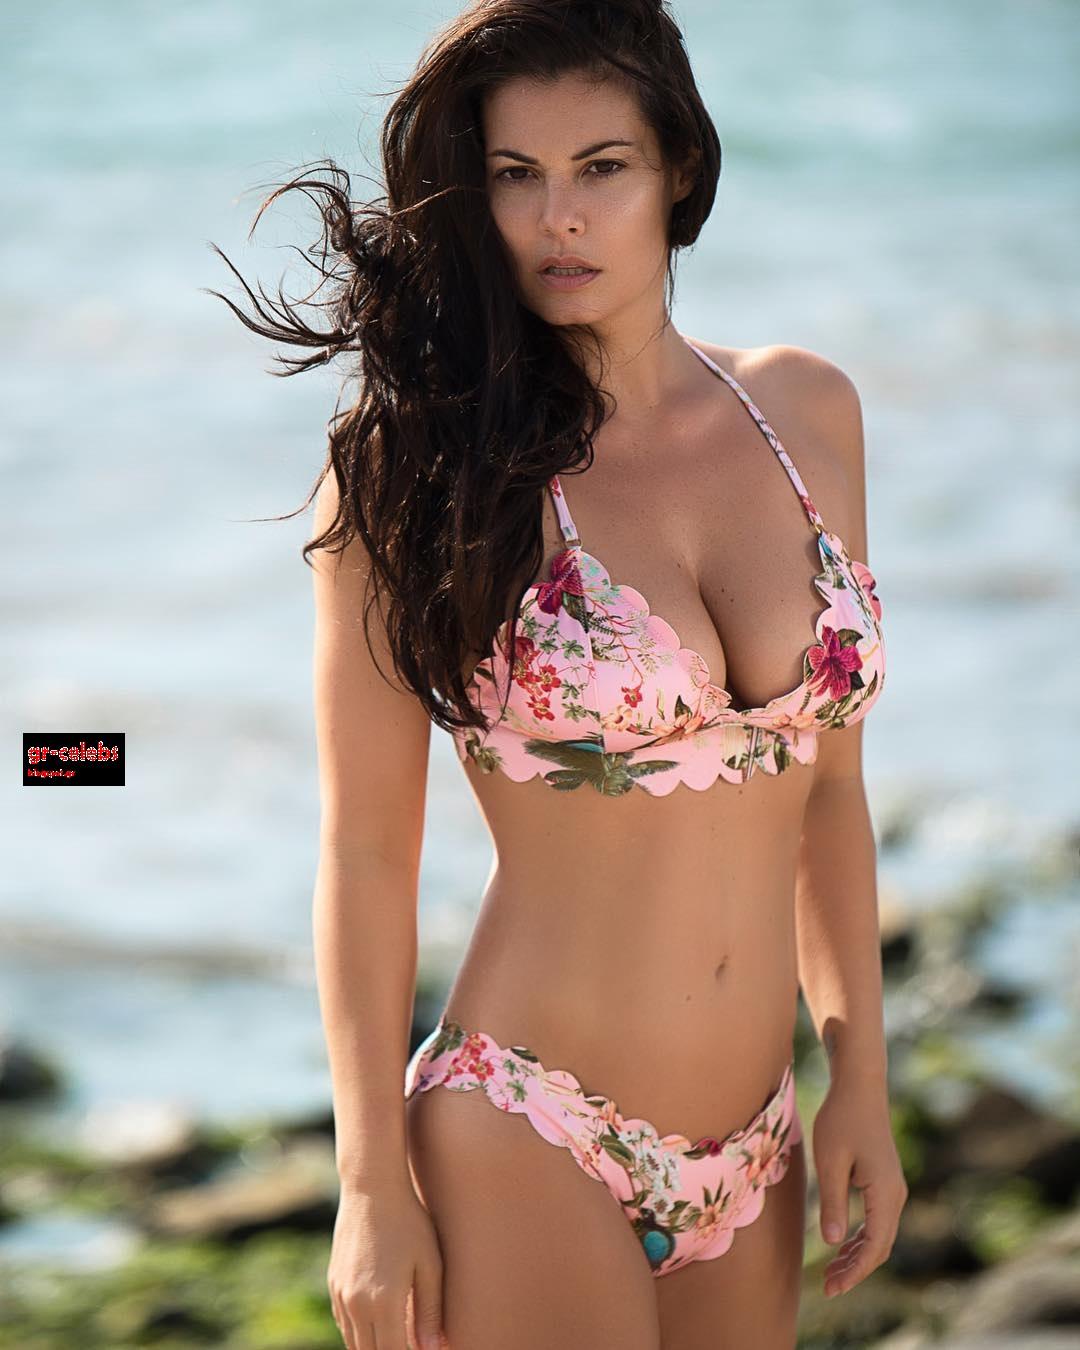 Ελληνίδες Celebrities : Η Μαρία Κορινθίου στο Instagram